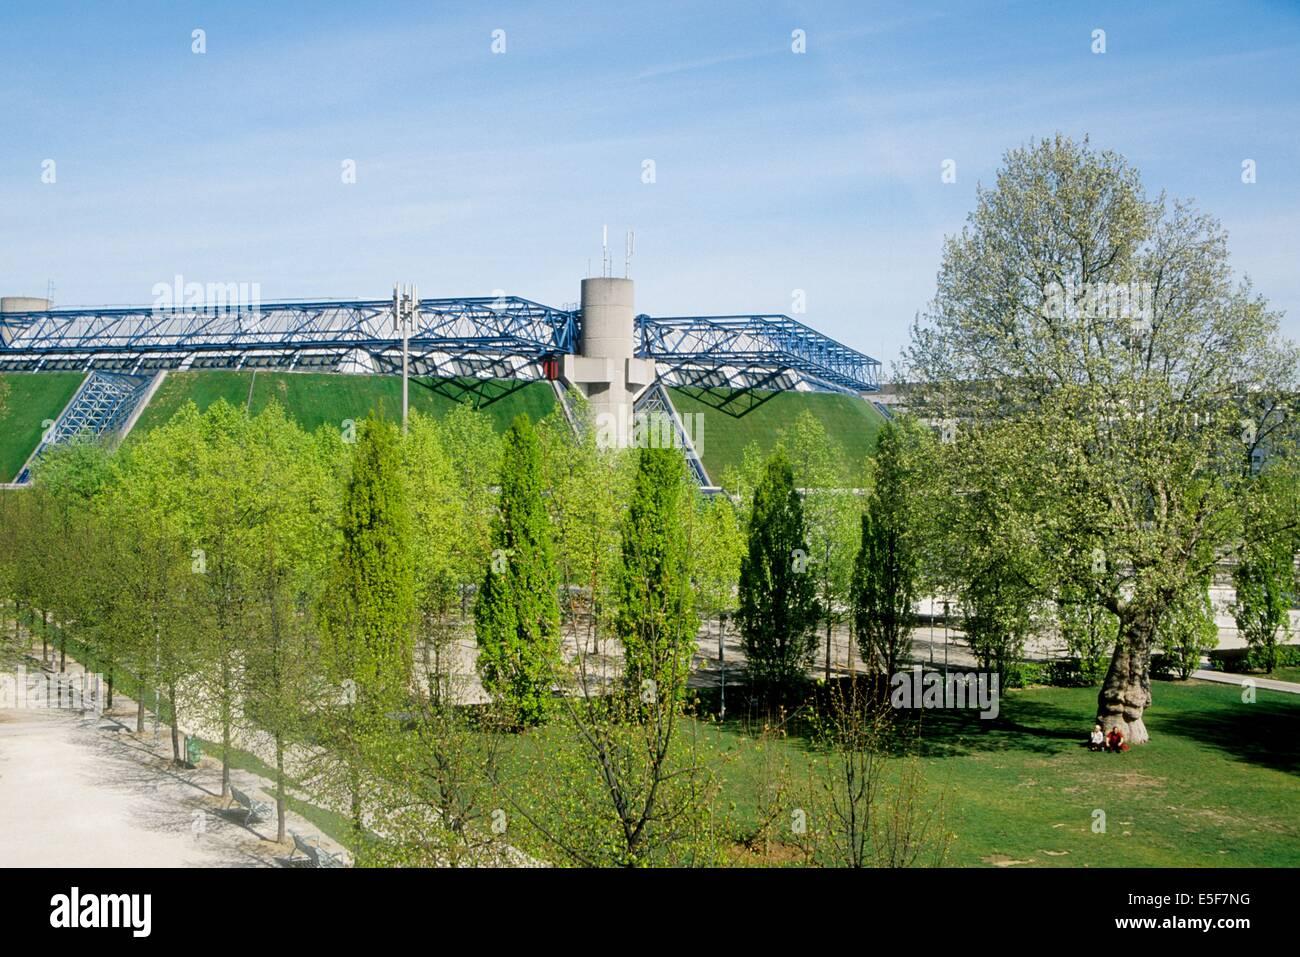 France, ile de france, paris, 12e arrondissement, bercy, parc de bercy, prairie et popb  Date : 2011-2012 - Stock Image